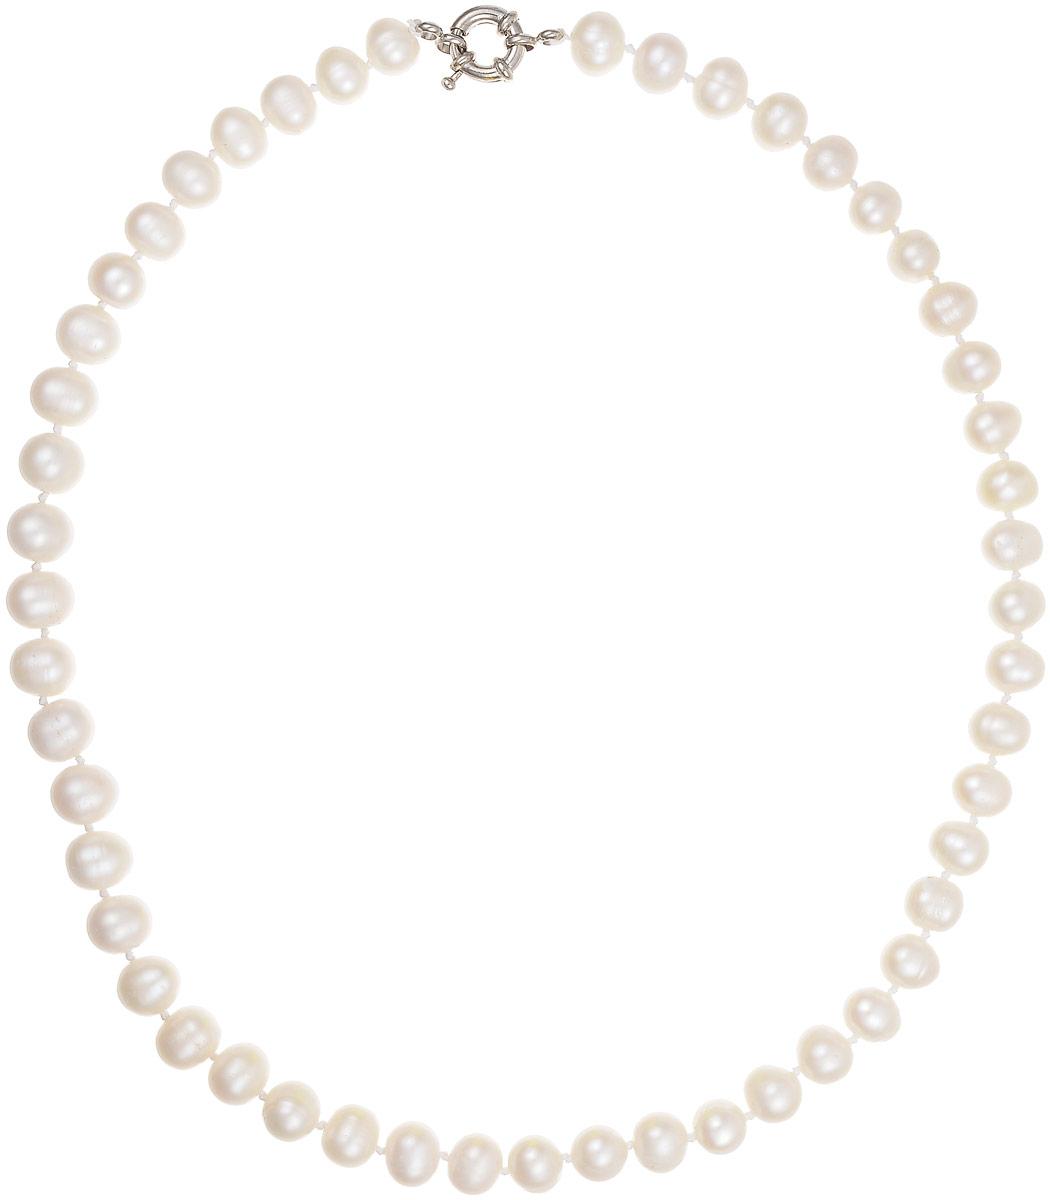 Бусы Art-Silver, цвет: перламутровый, длина 45 см. КЖб8-9А45-842Бусы-ниткаБусы Art-Silver выполнены из бижутерного сплава и культивированного жемчуга. Изделие оснащено удобной шпренгельной застежкой.